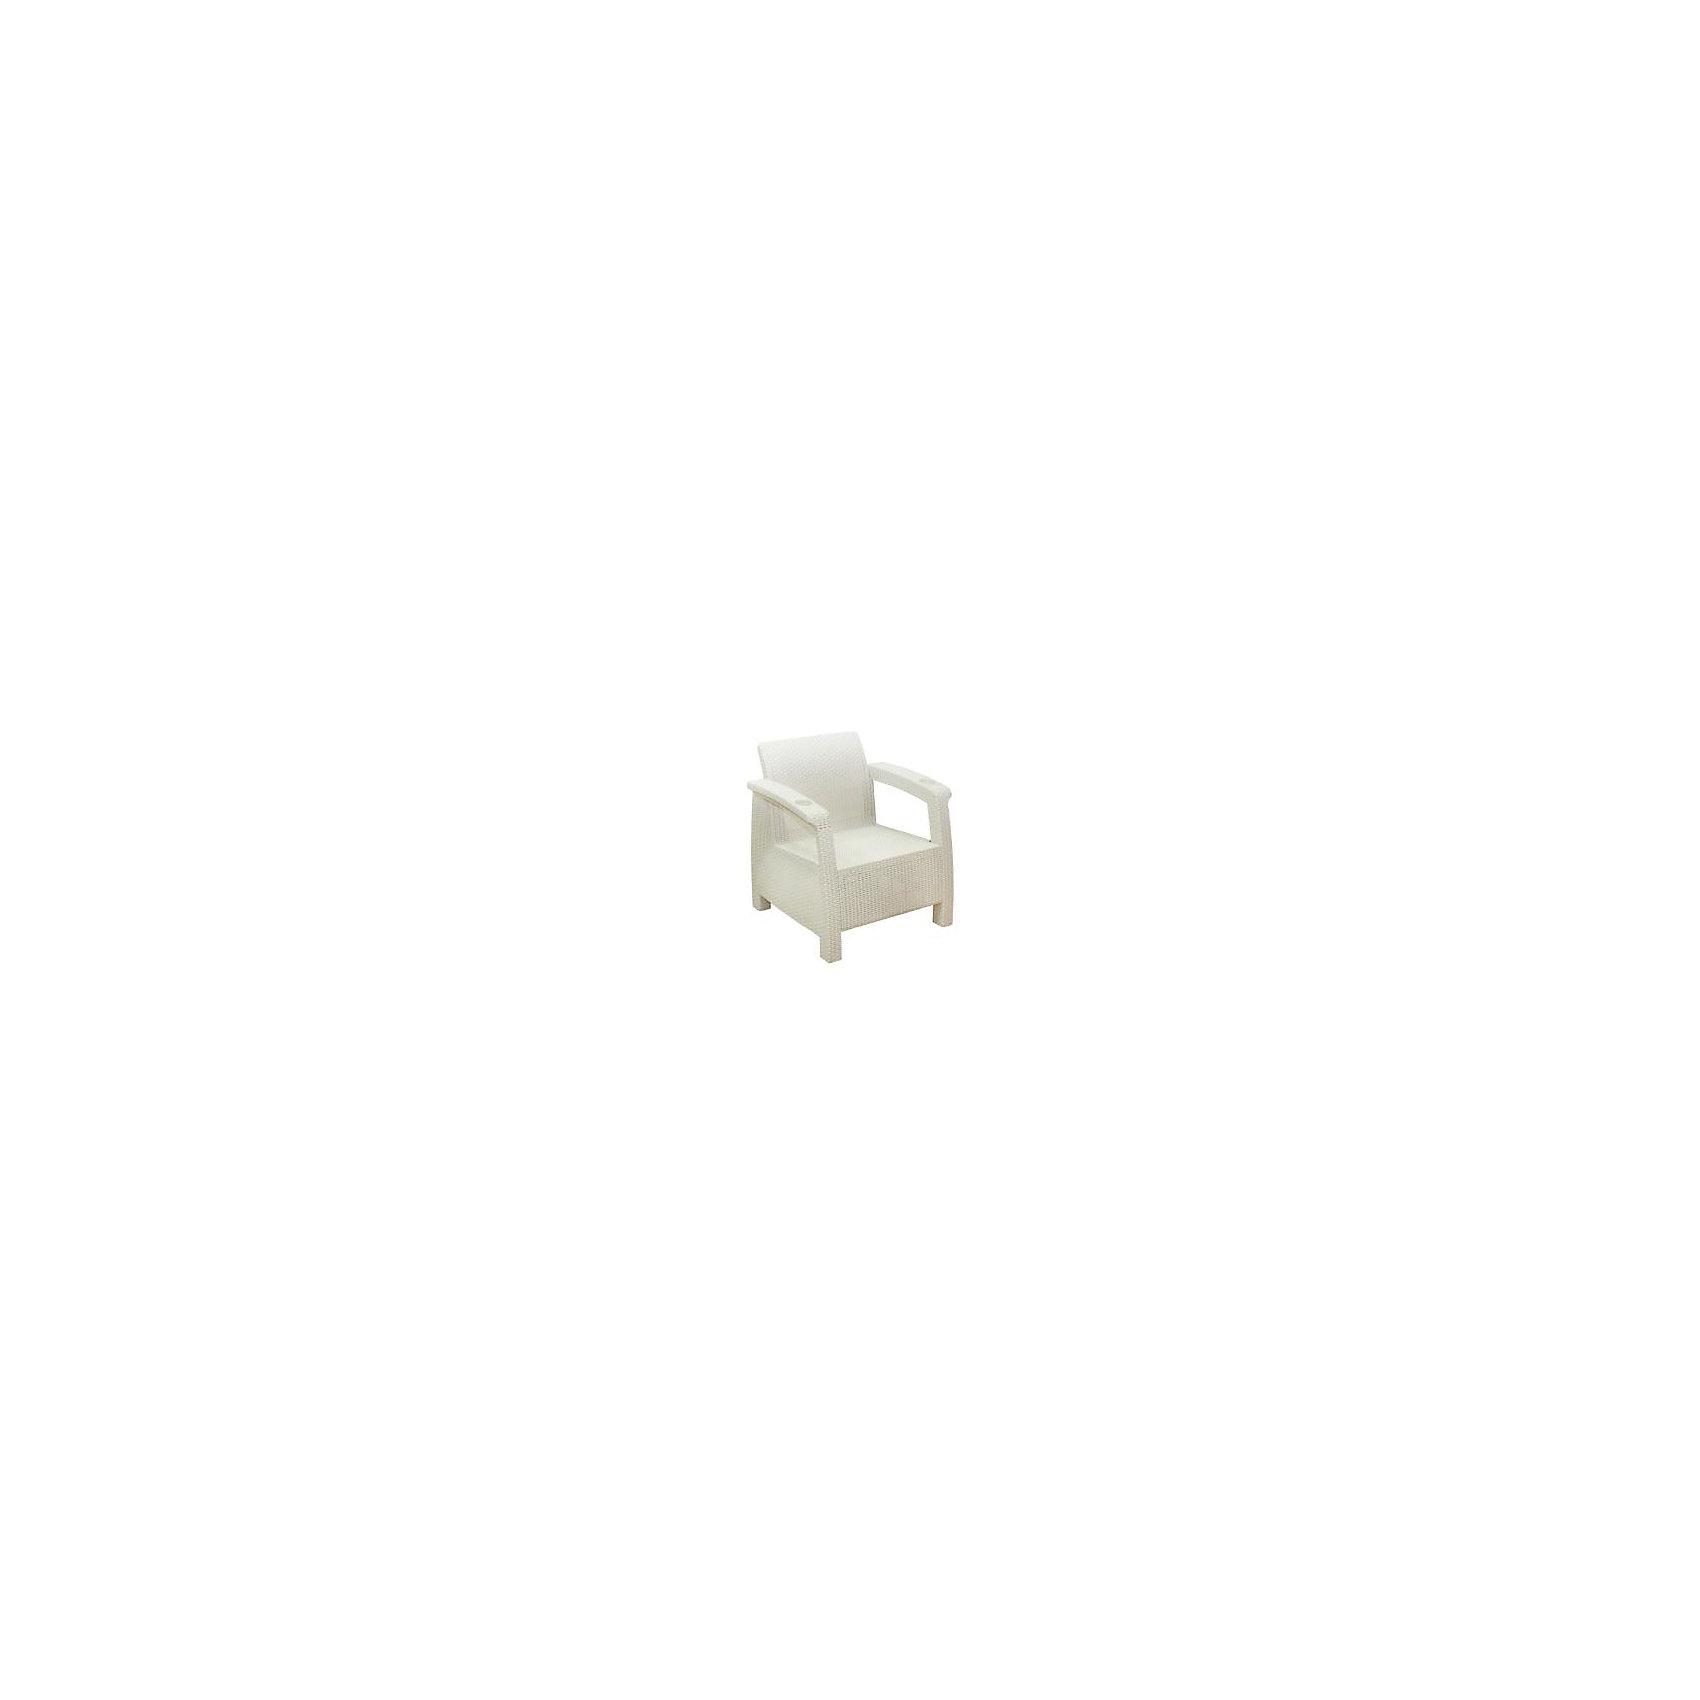 Кресло Ротанг, Alternativa, слоновая костьДетские столы и стулья<br>Кресло Ротанг 730х700х790без подуш., Alternativa (Альтернатива), слоновая кость<br><br>Характеристики:<br><br>• привлекательный дизайн<br>• прочные материалы<br>• два подстаканника<br>• цвет: слоновая кость<br>• материал: пластик<br>• размер: 73х70х79 см<br>• вес: 6,8 кг<br><br>Кресло Ротанг прекрасно подойдет для комфортного отдыха в саду или на даче. Оно изготовлена из прочного износостойкого пластика. Кресло имеют широкие ножки для хорошей устойчивости на поверхности. На ручках кресла находятся два подстаканника для любимых напитков. Приятный цвет слоновой кости хорошо впишется в любой интерьер.<br><br>Кресло Ротанг 730х700х790без подуш., Alternativa (Альтернатива), слоновая кость можно расположить в нашем интернет-магазине.<br><br>Ширина мм: 730<br>Глубина мм: 700<br>Высота мм: 790<br>Вес г: 6800<br>Возраст от месяцев: 12<br>Возраст до месяцев: 1188<br>Пол: Унисекс<br>Возраст: Детский<br>SKU: 5436205